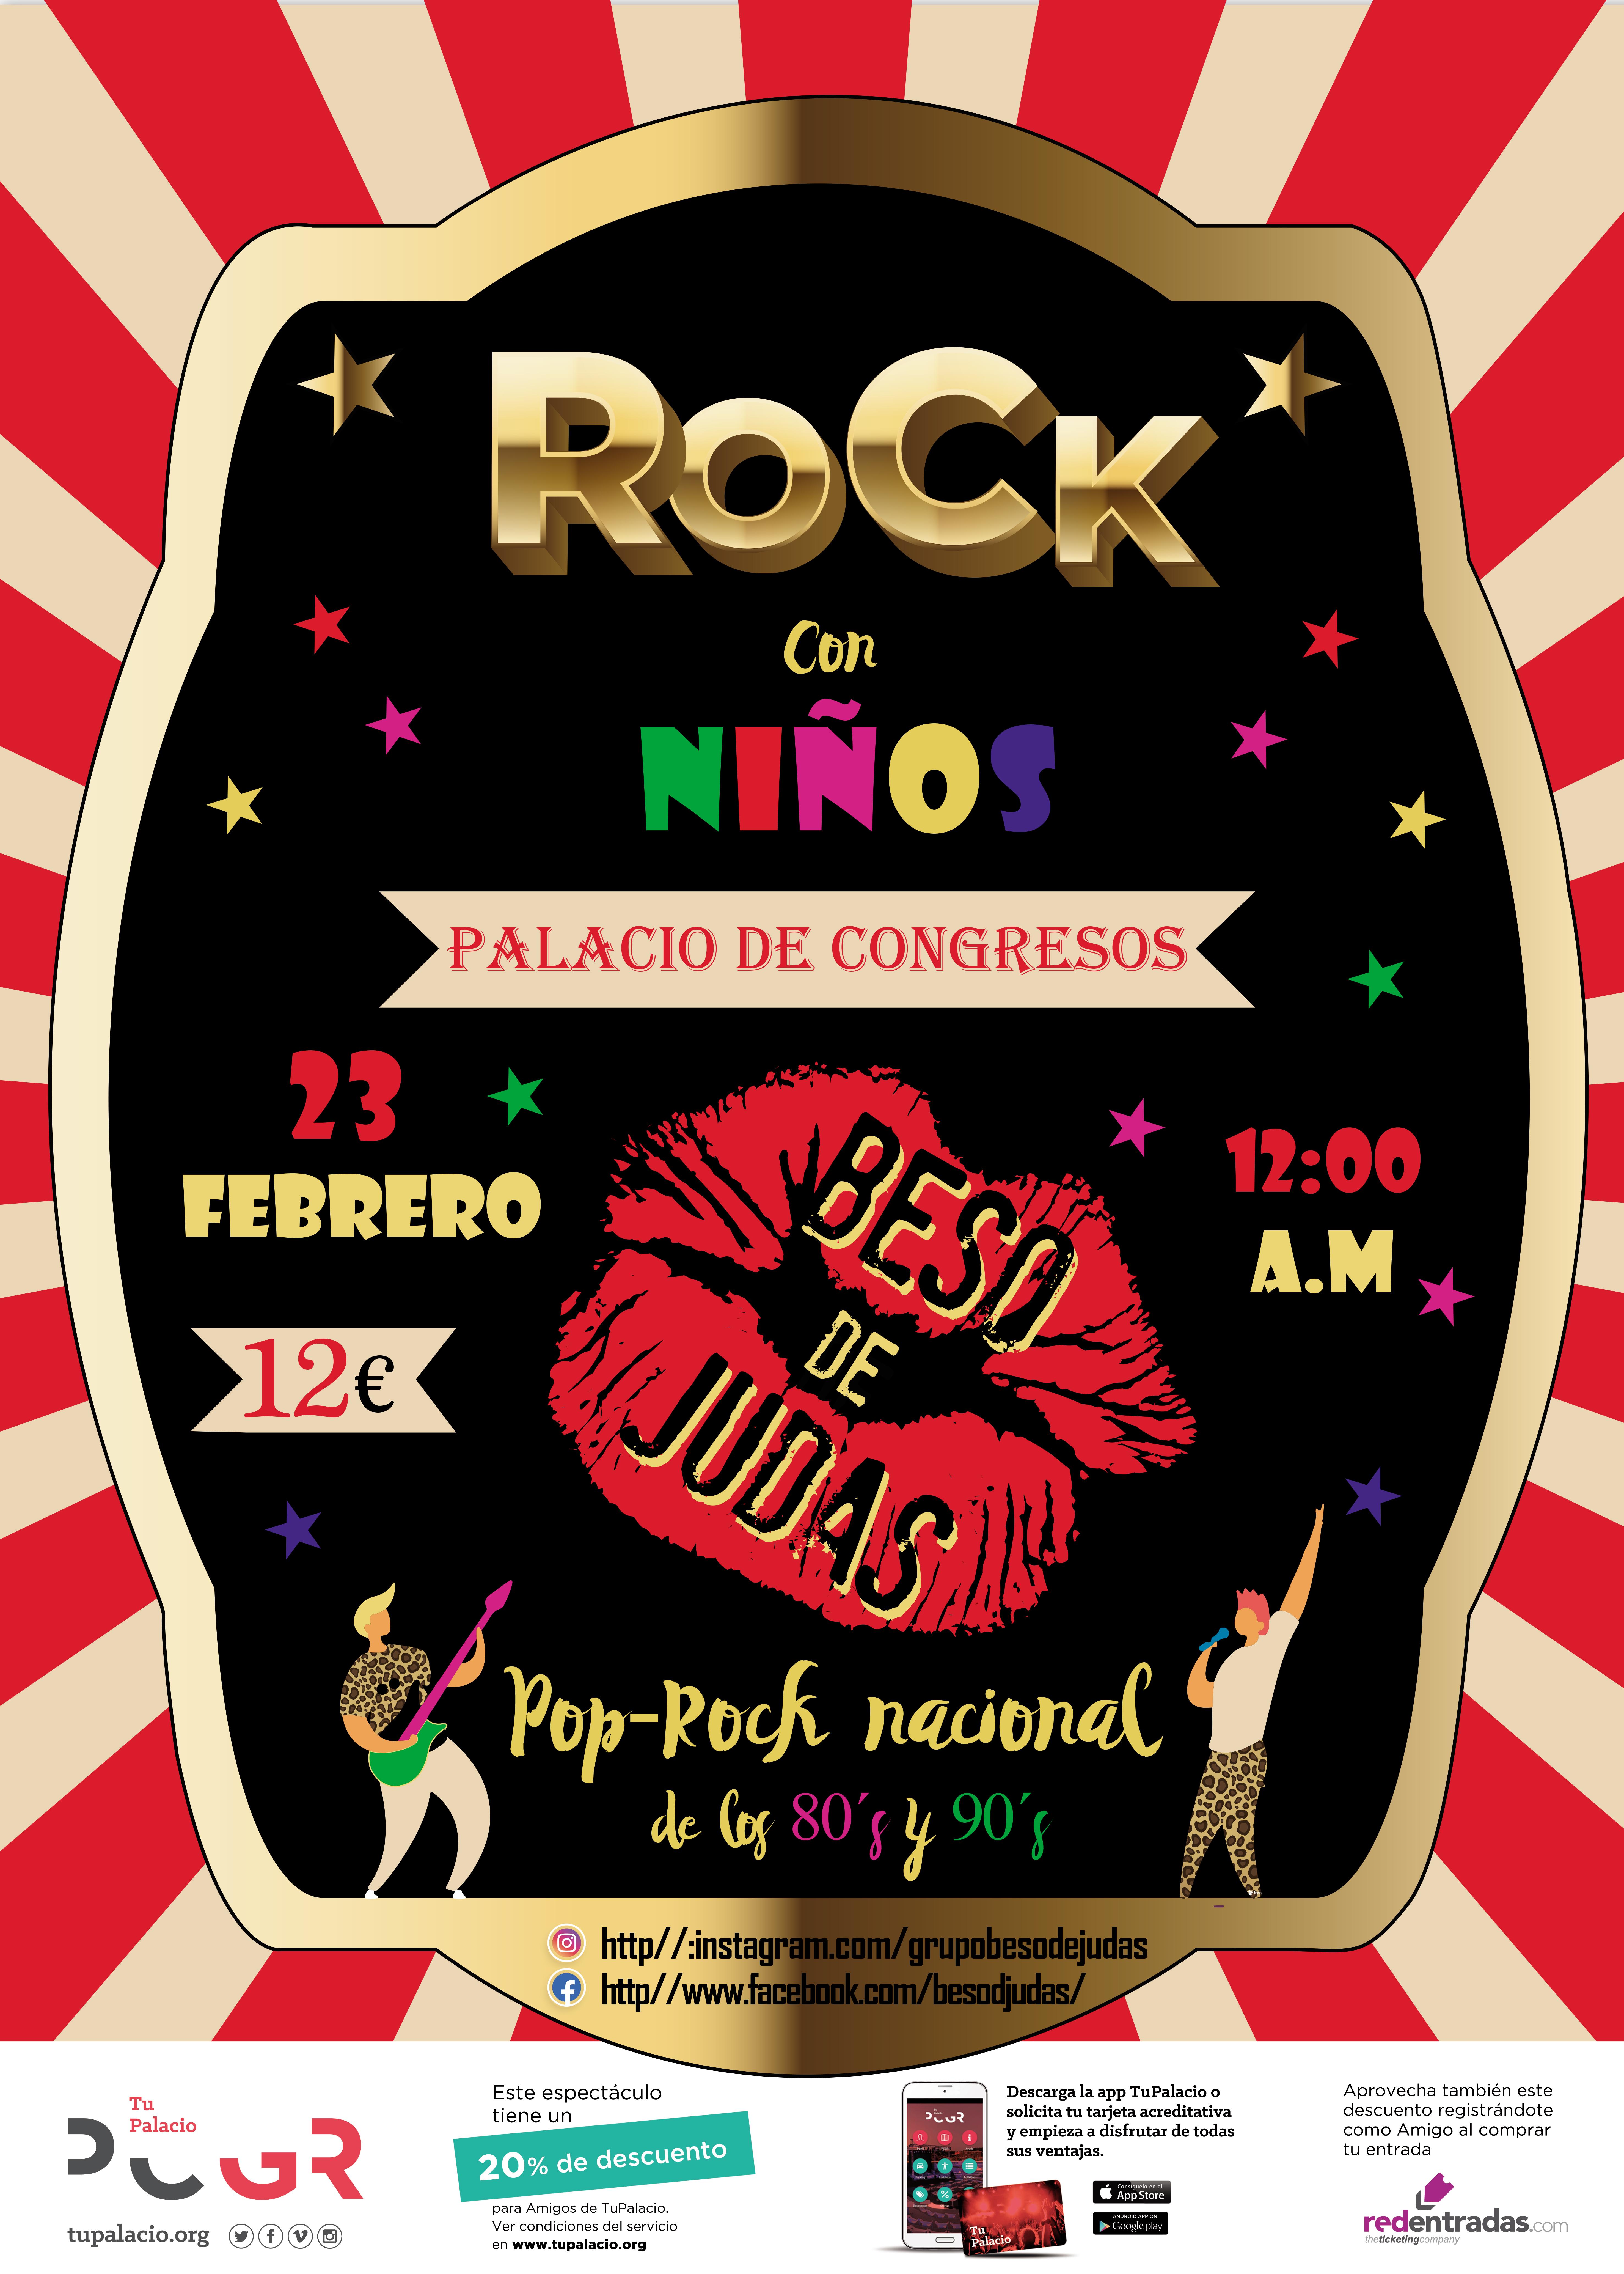 Rock con niños con Beso de Judas en el Palacio de Congresos de Granada